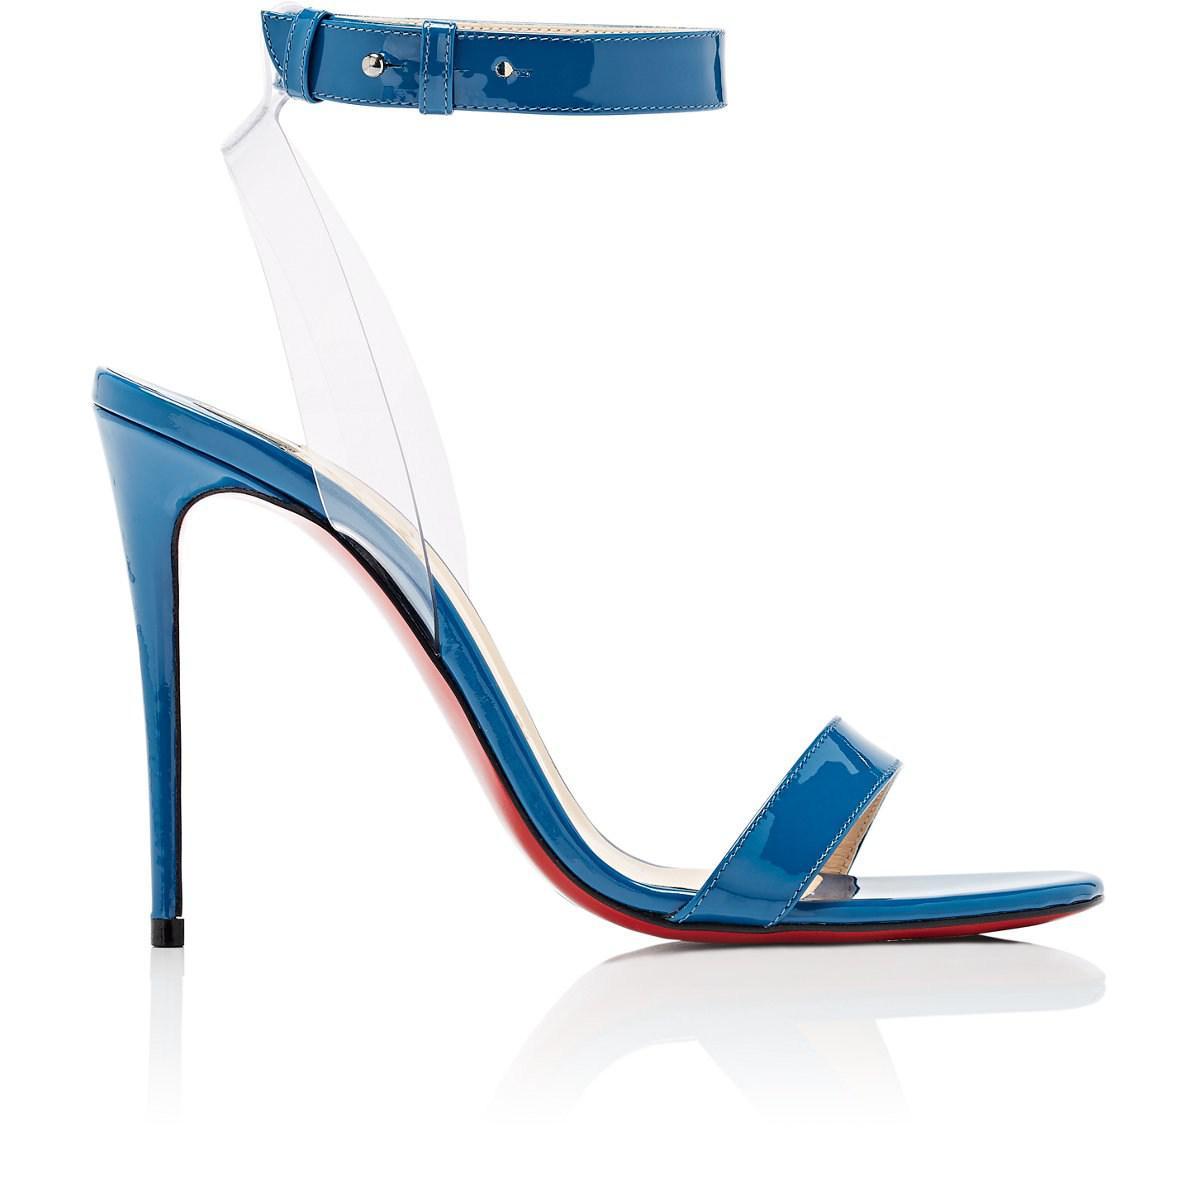 2aa25a6f7066 ... netherlands christian louboutin. womens blue jonatina patent leather  pvc sandals eb5e6 f16b9